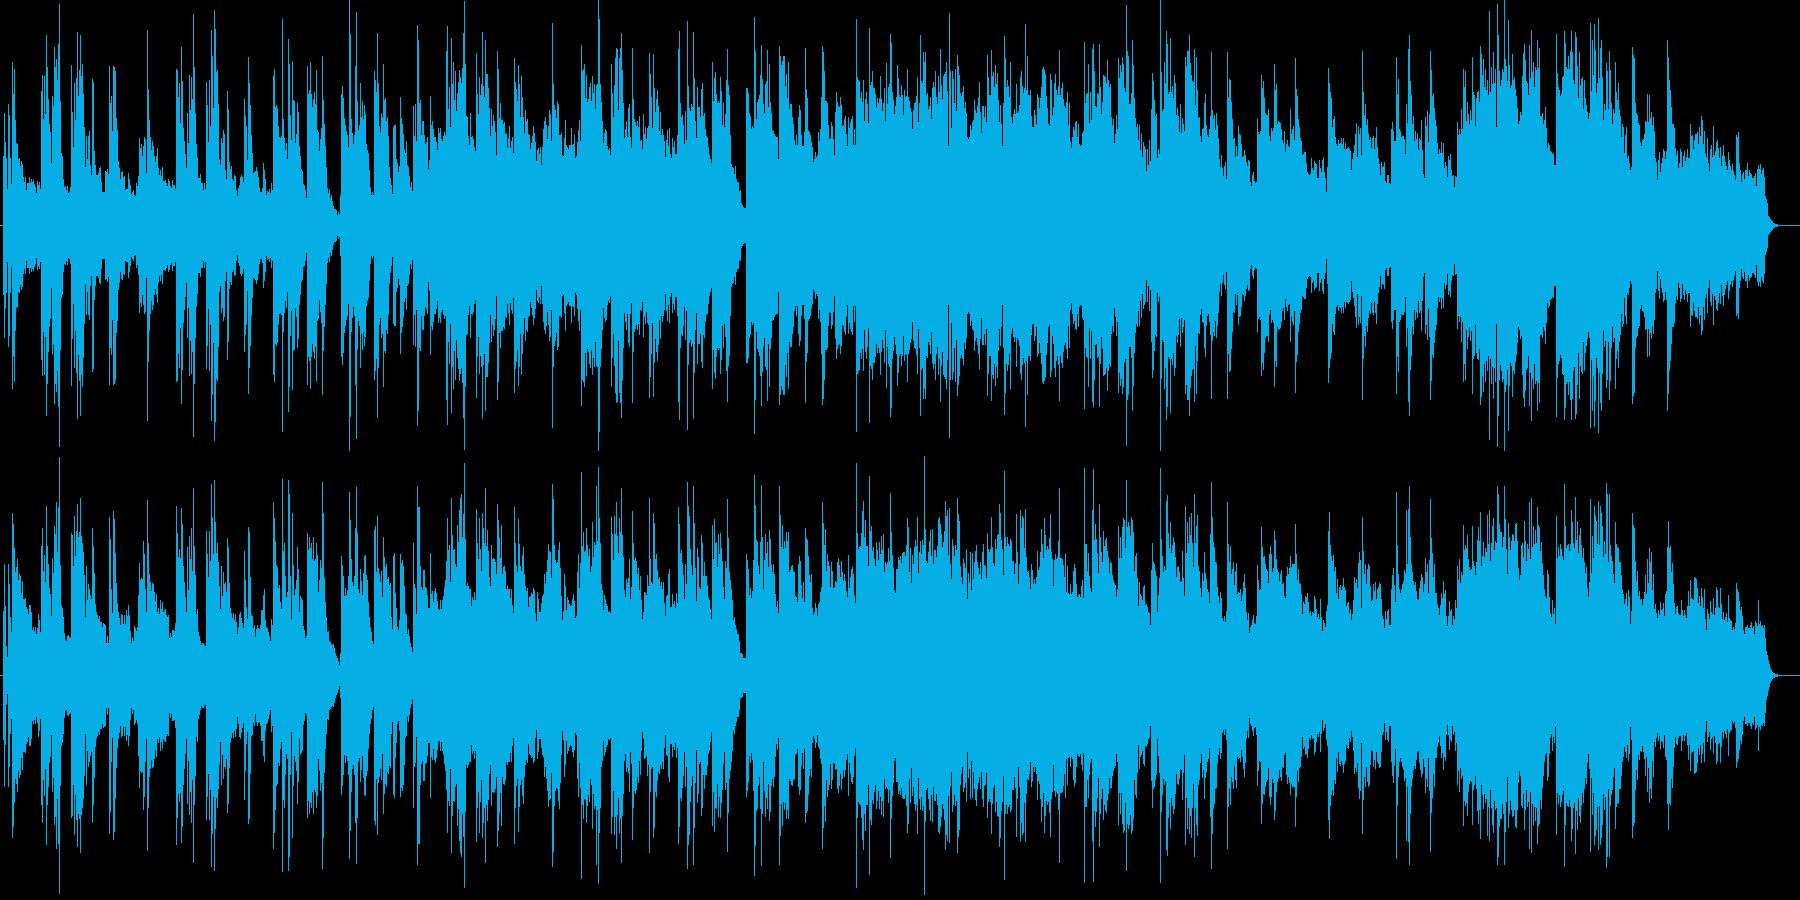 ピアノとギターの落ち着きのある曲の再生済みの波形